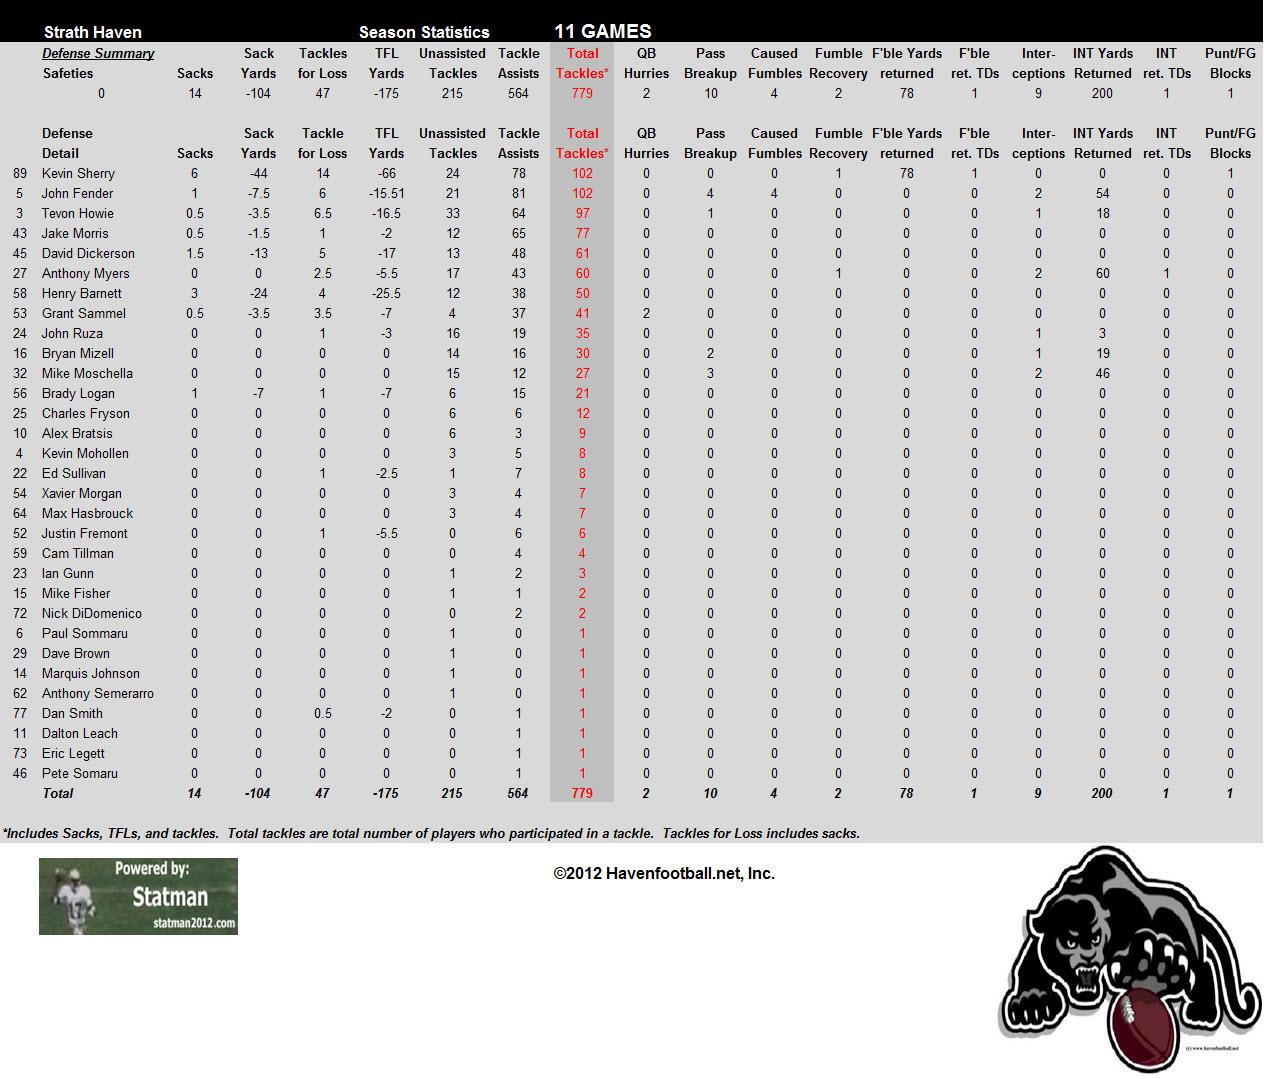 2012 Defensive Stats